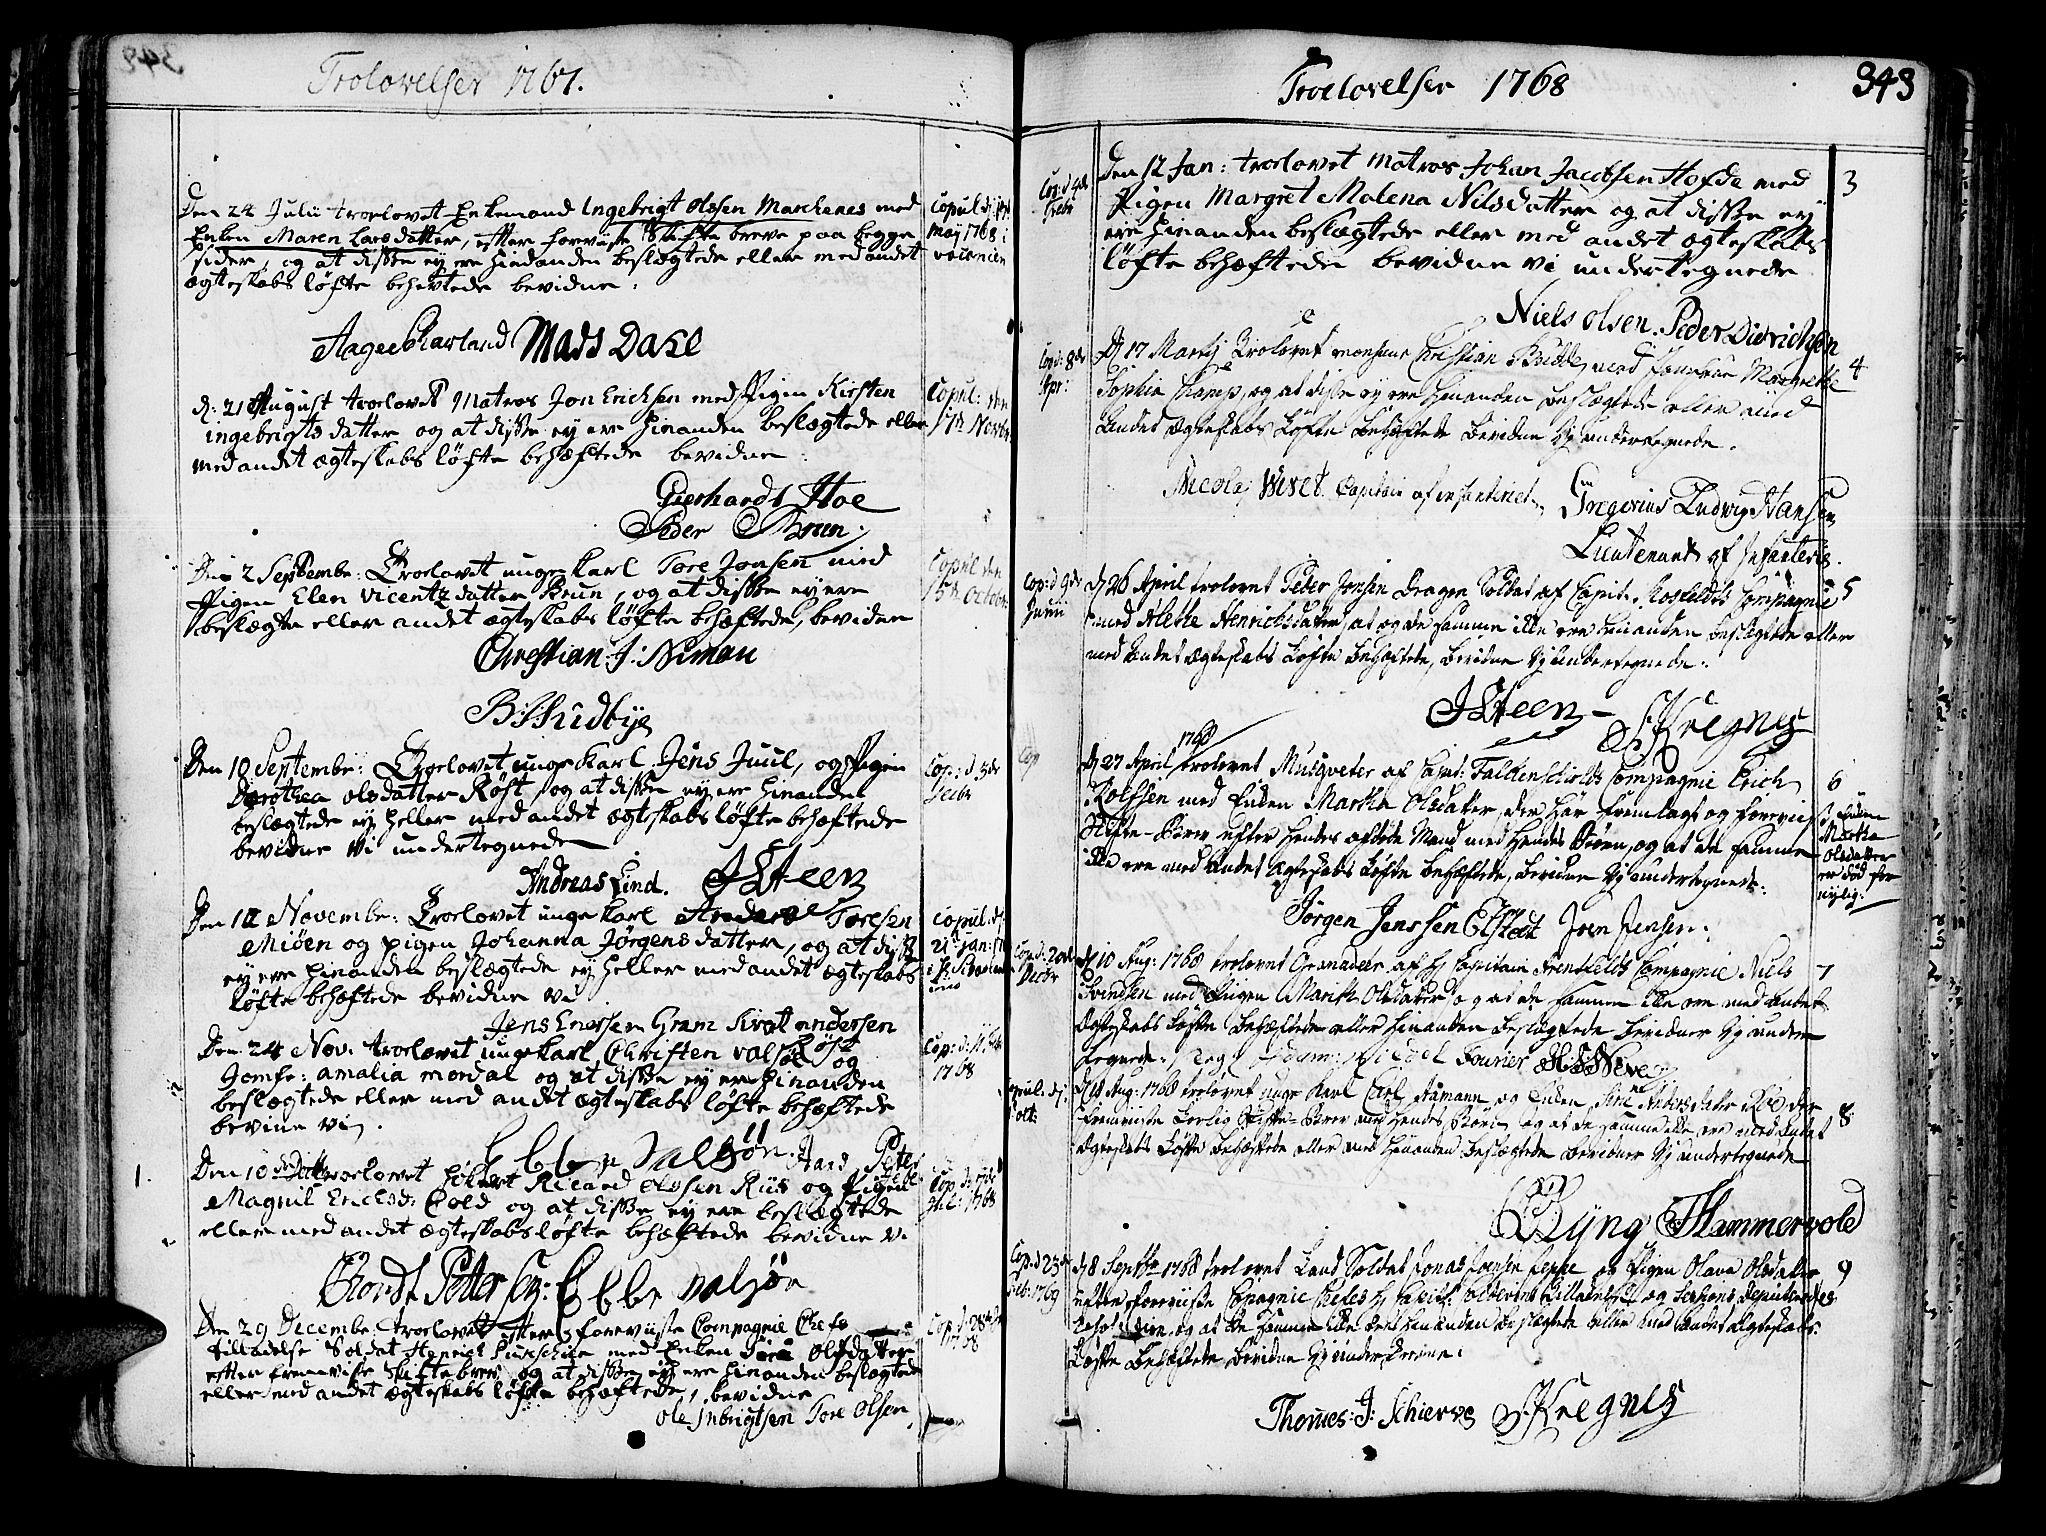 SAT, Ministerialprotokoller, klokkerbøker og fødselsregistre - Sør-Trøndelag, 602/L0103: Ministerialbok nr. 602A01, 1732-1774, s. 343